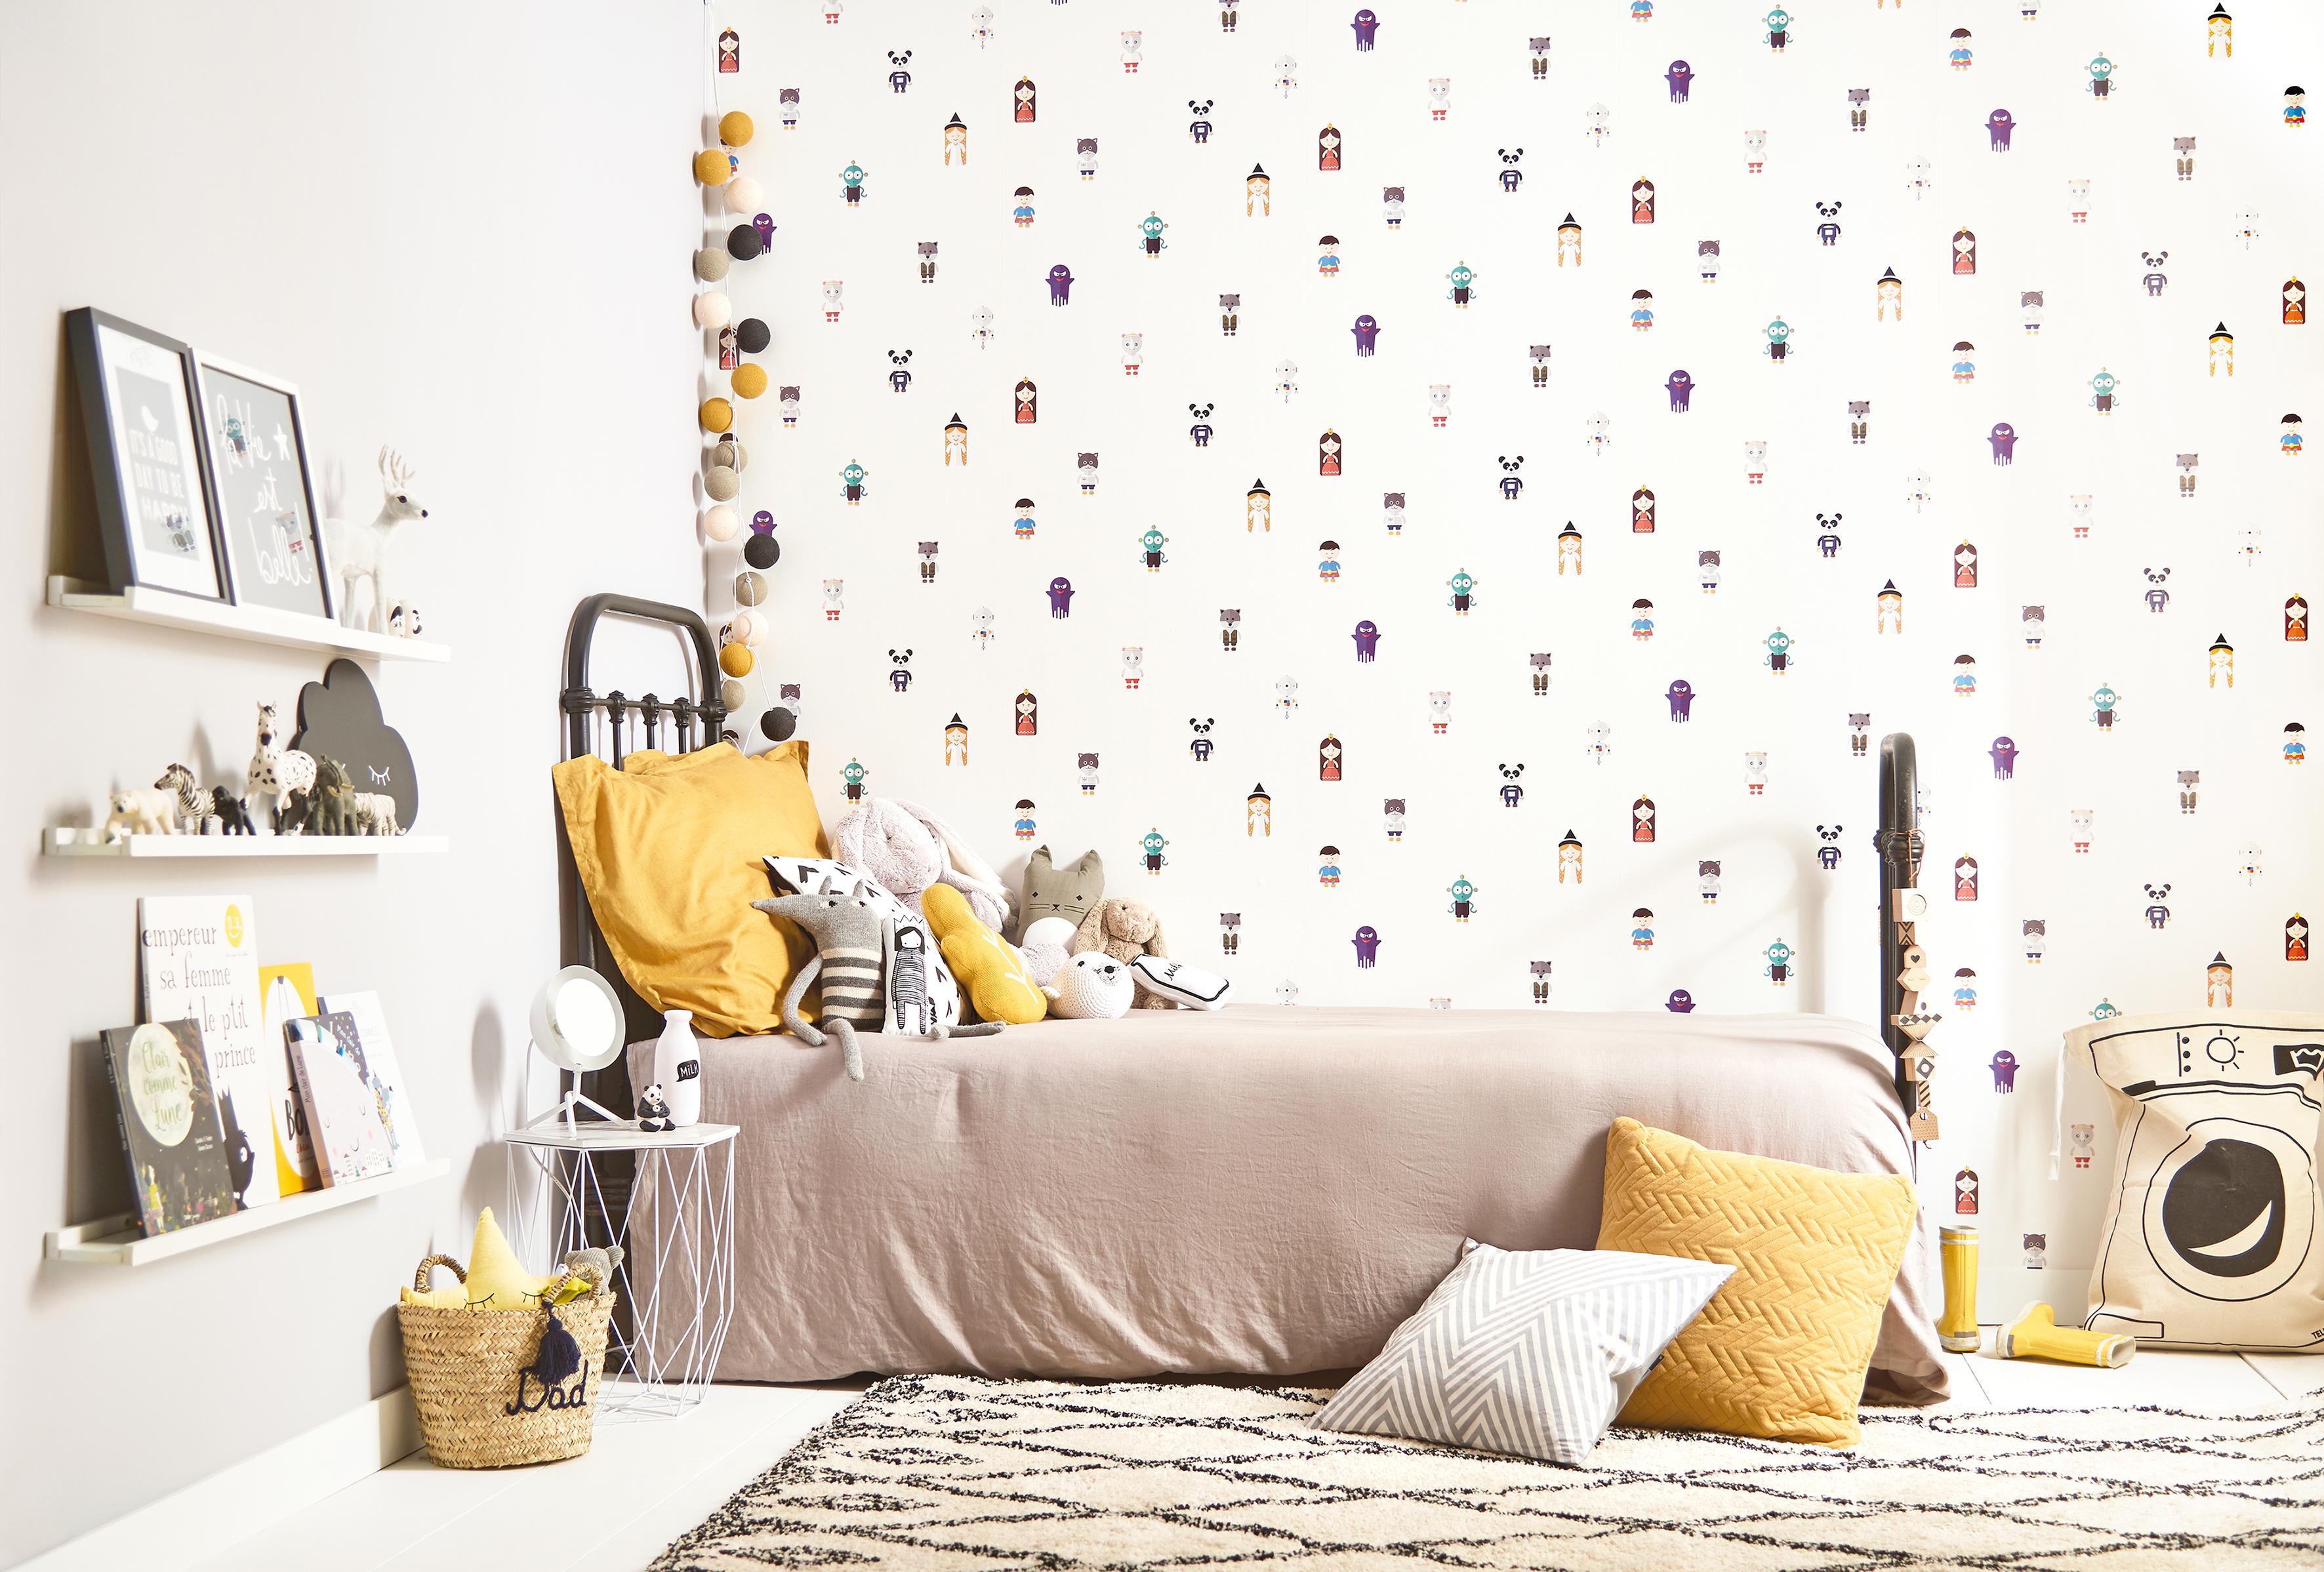 dans ta pub castorama tbwa paris papier peint histoire 2 dans ta pub. Black Bedroom Furniture Sets. Home Design Ideas